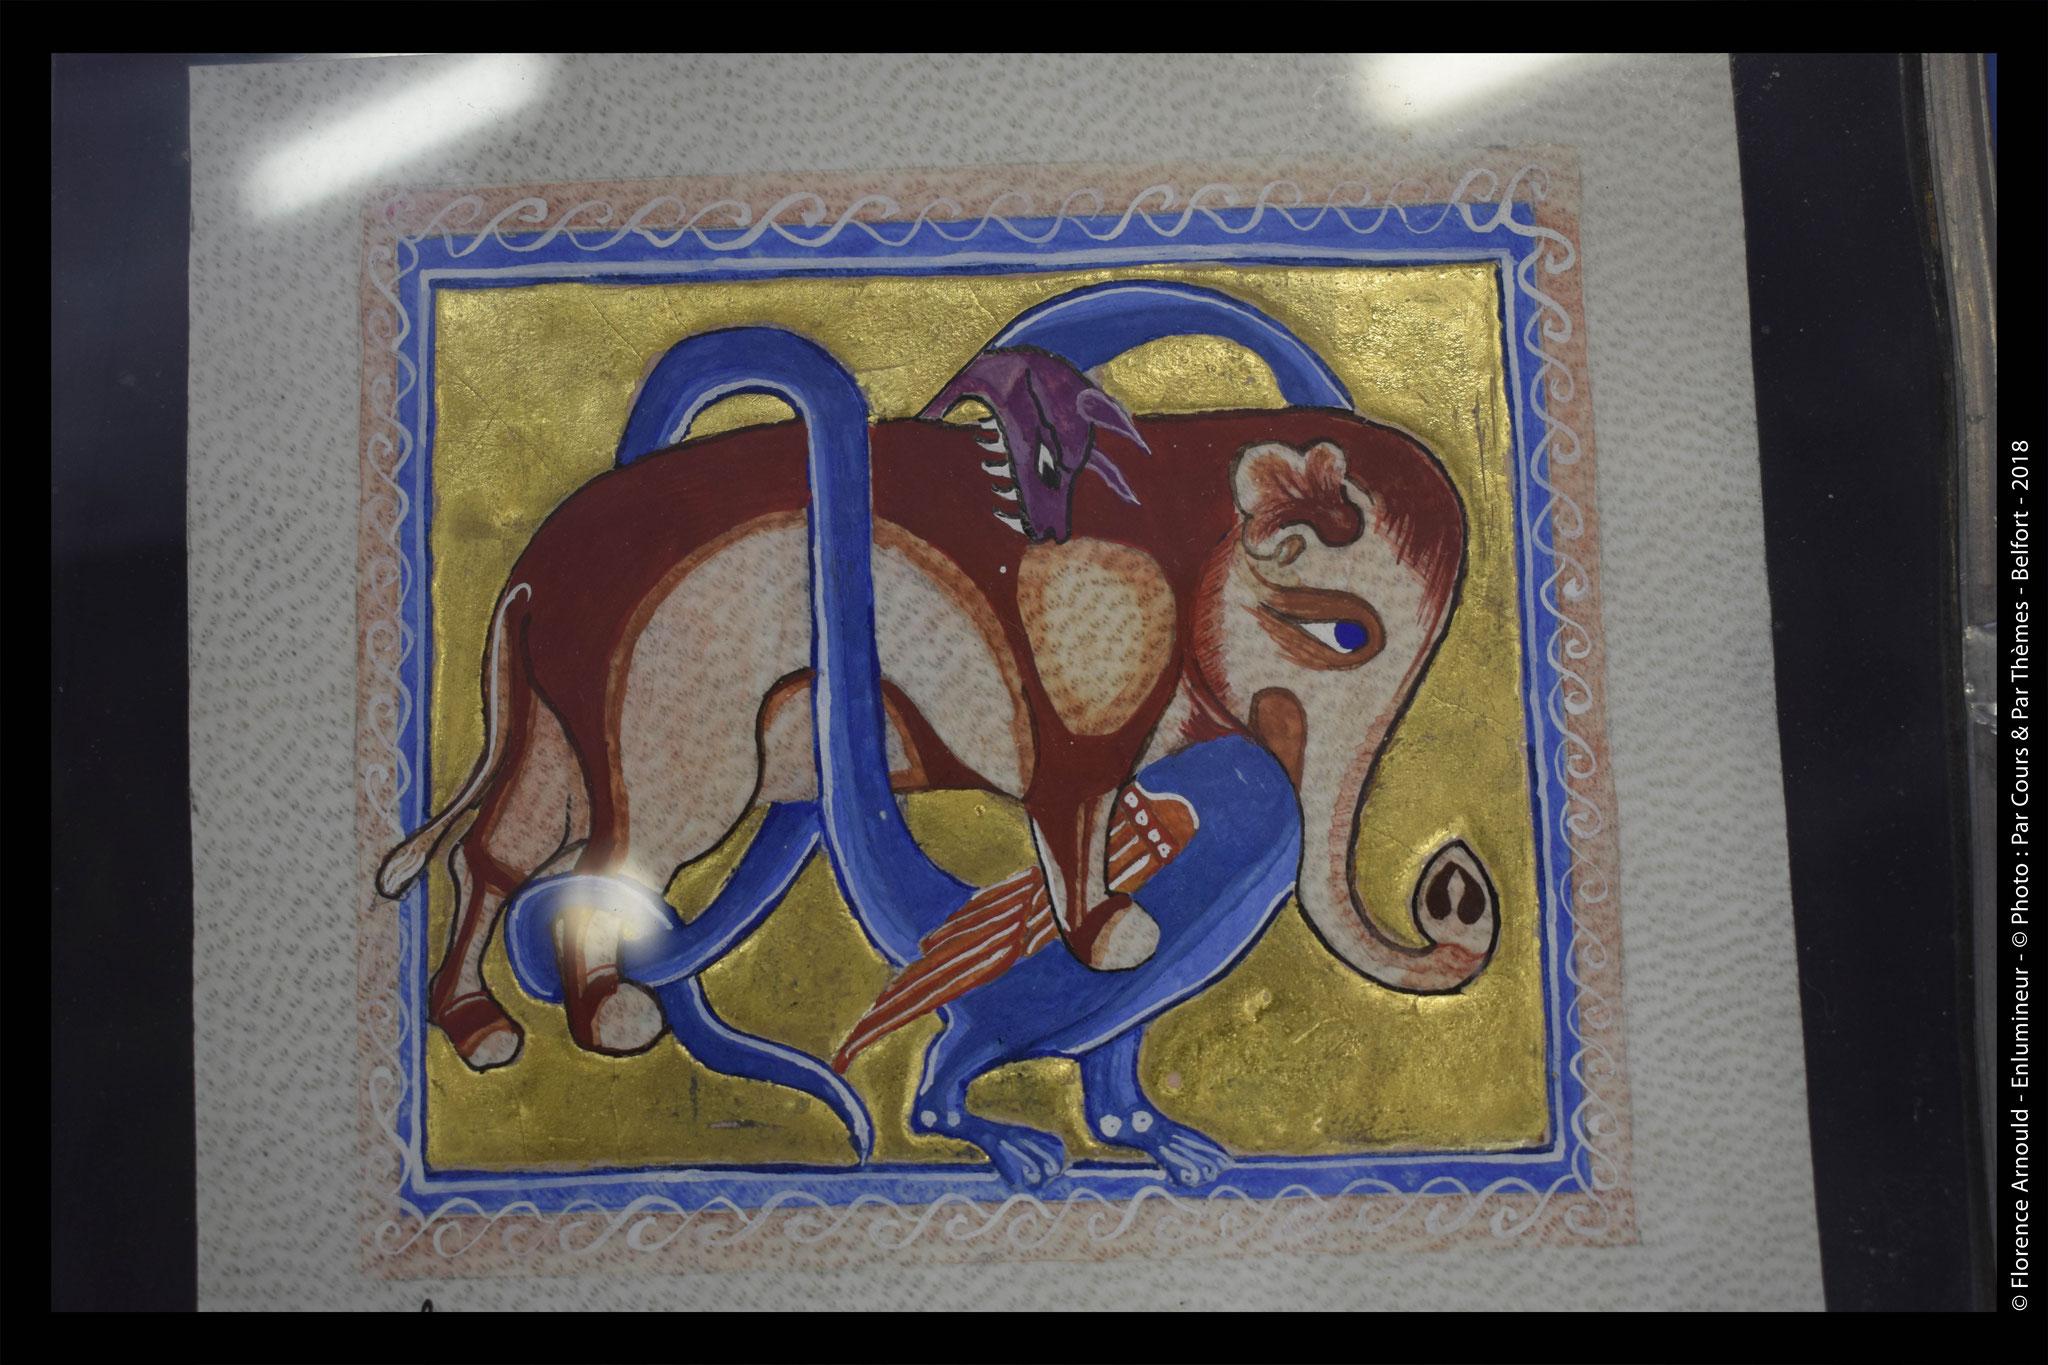 Reproduction du Bestiaire d'Aberdeen , folio 65 v. ( 19 x 21 cm) Diponible ( me contacter)